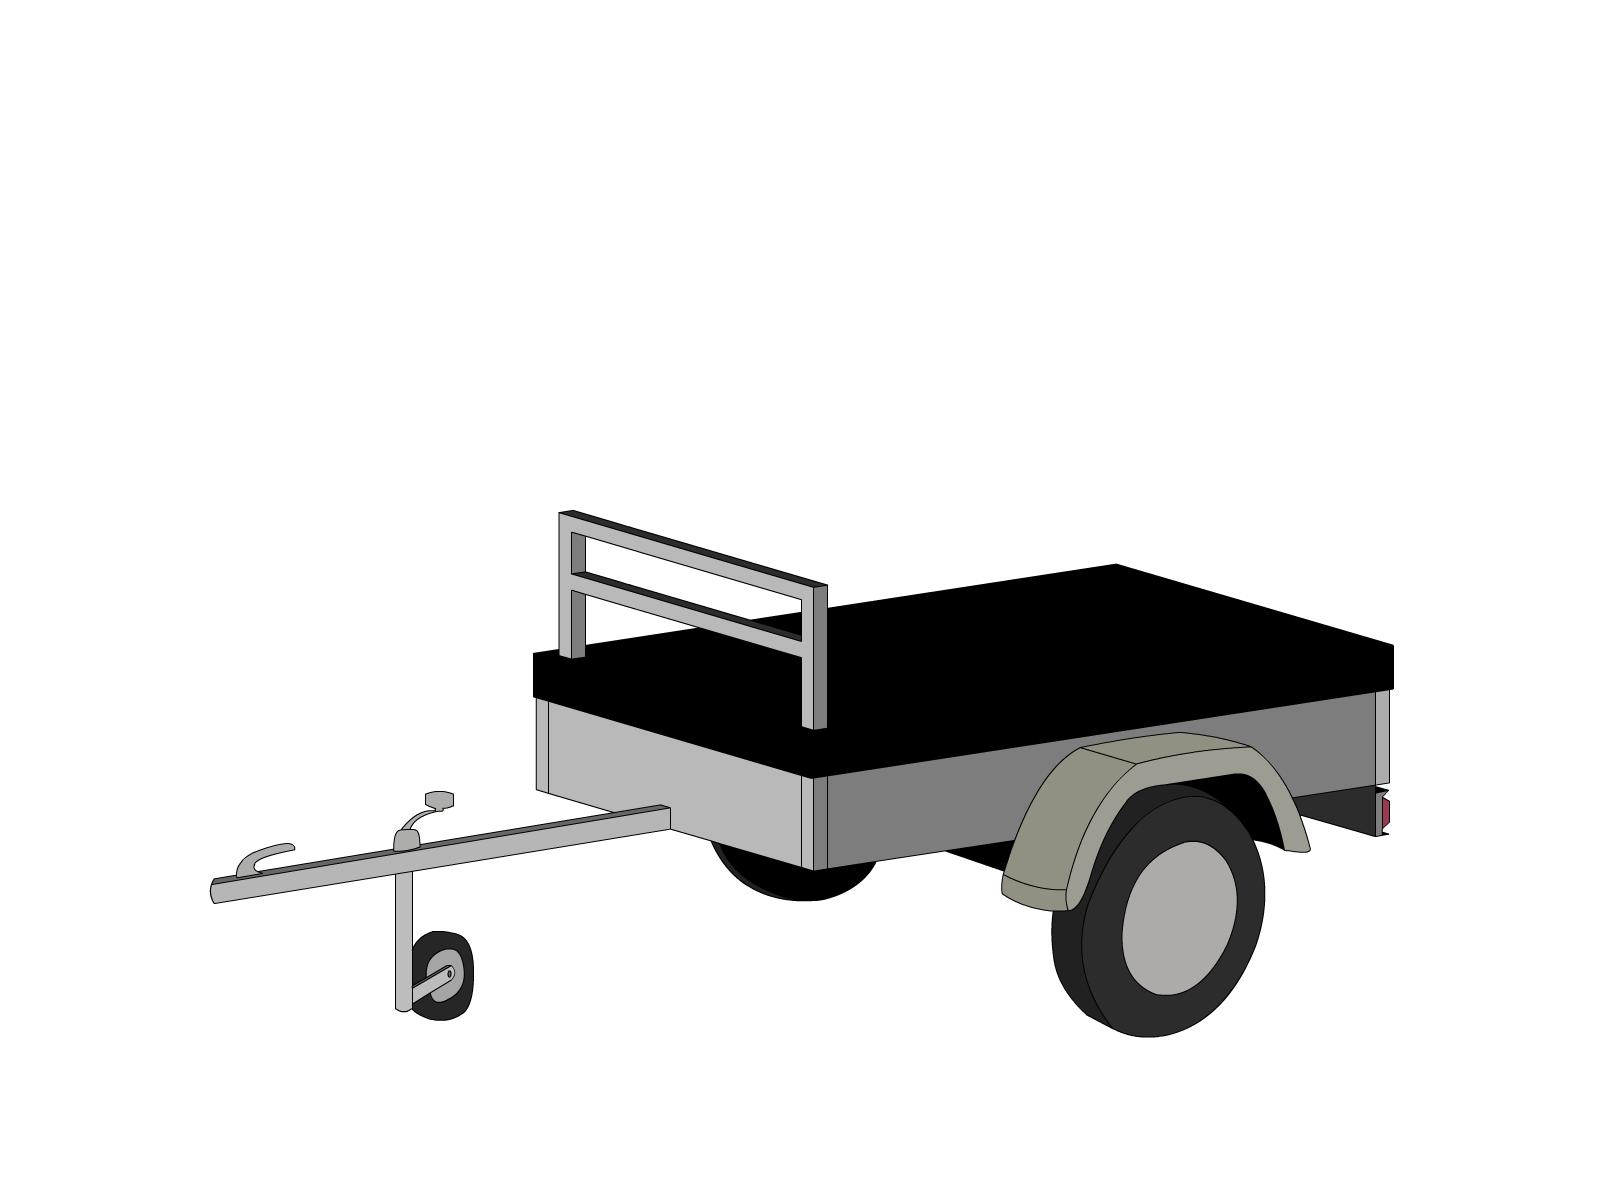 Bâche pour remorque bagagère basse droite 2 essieux